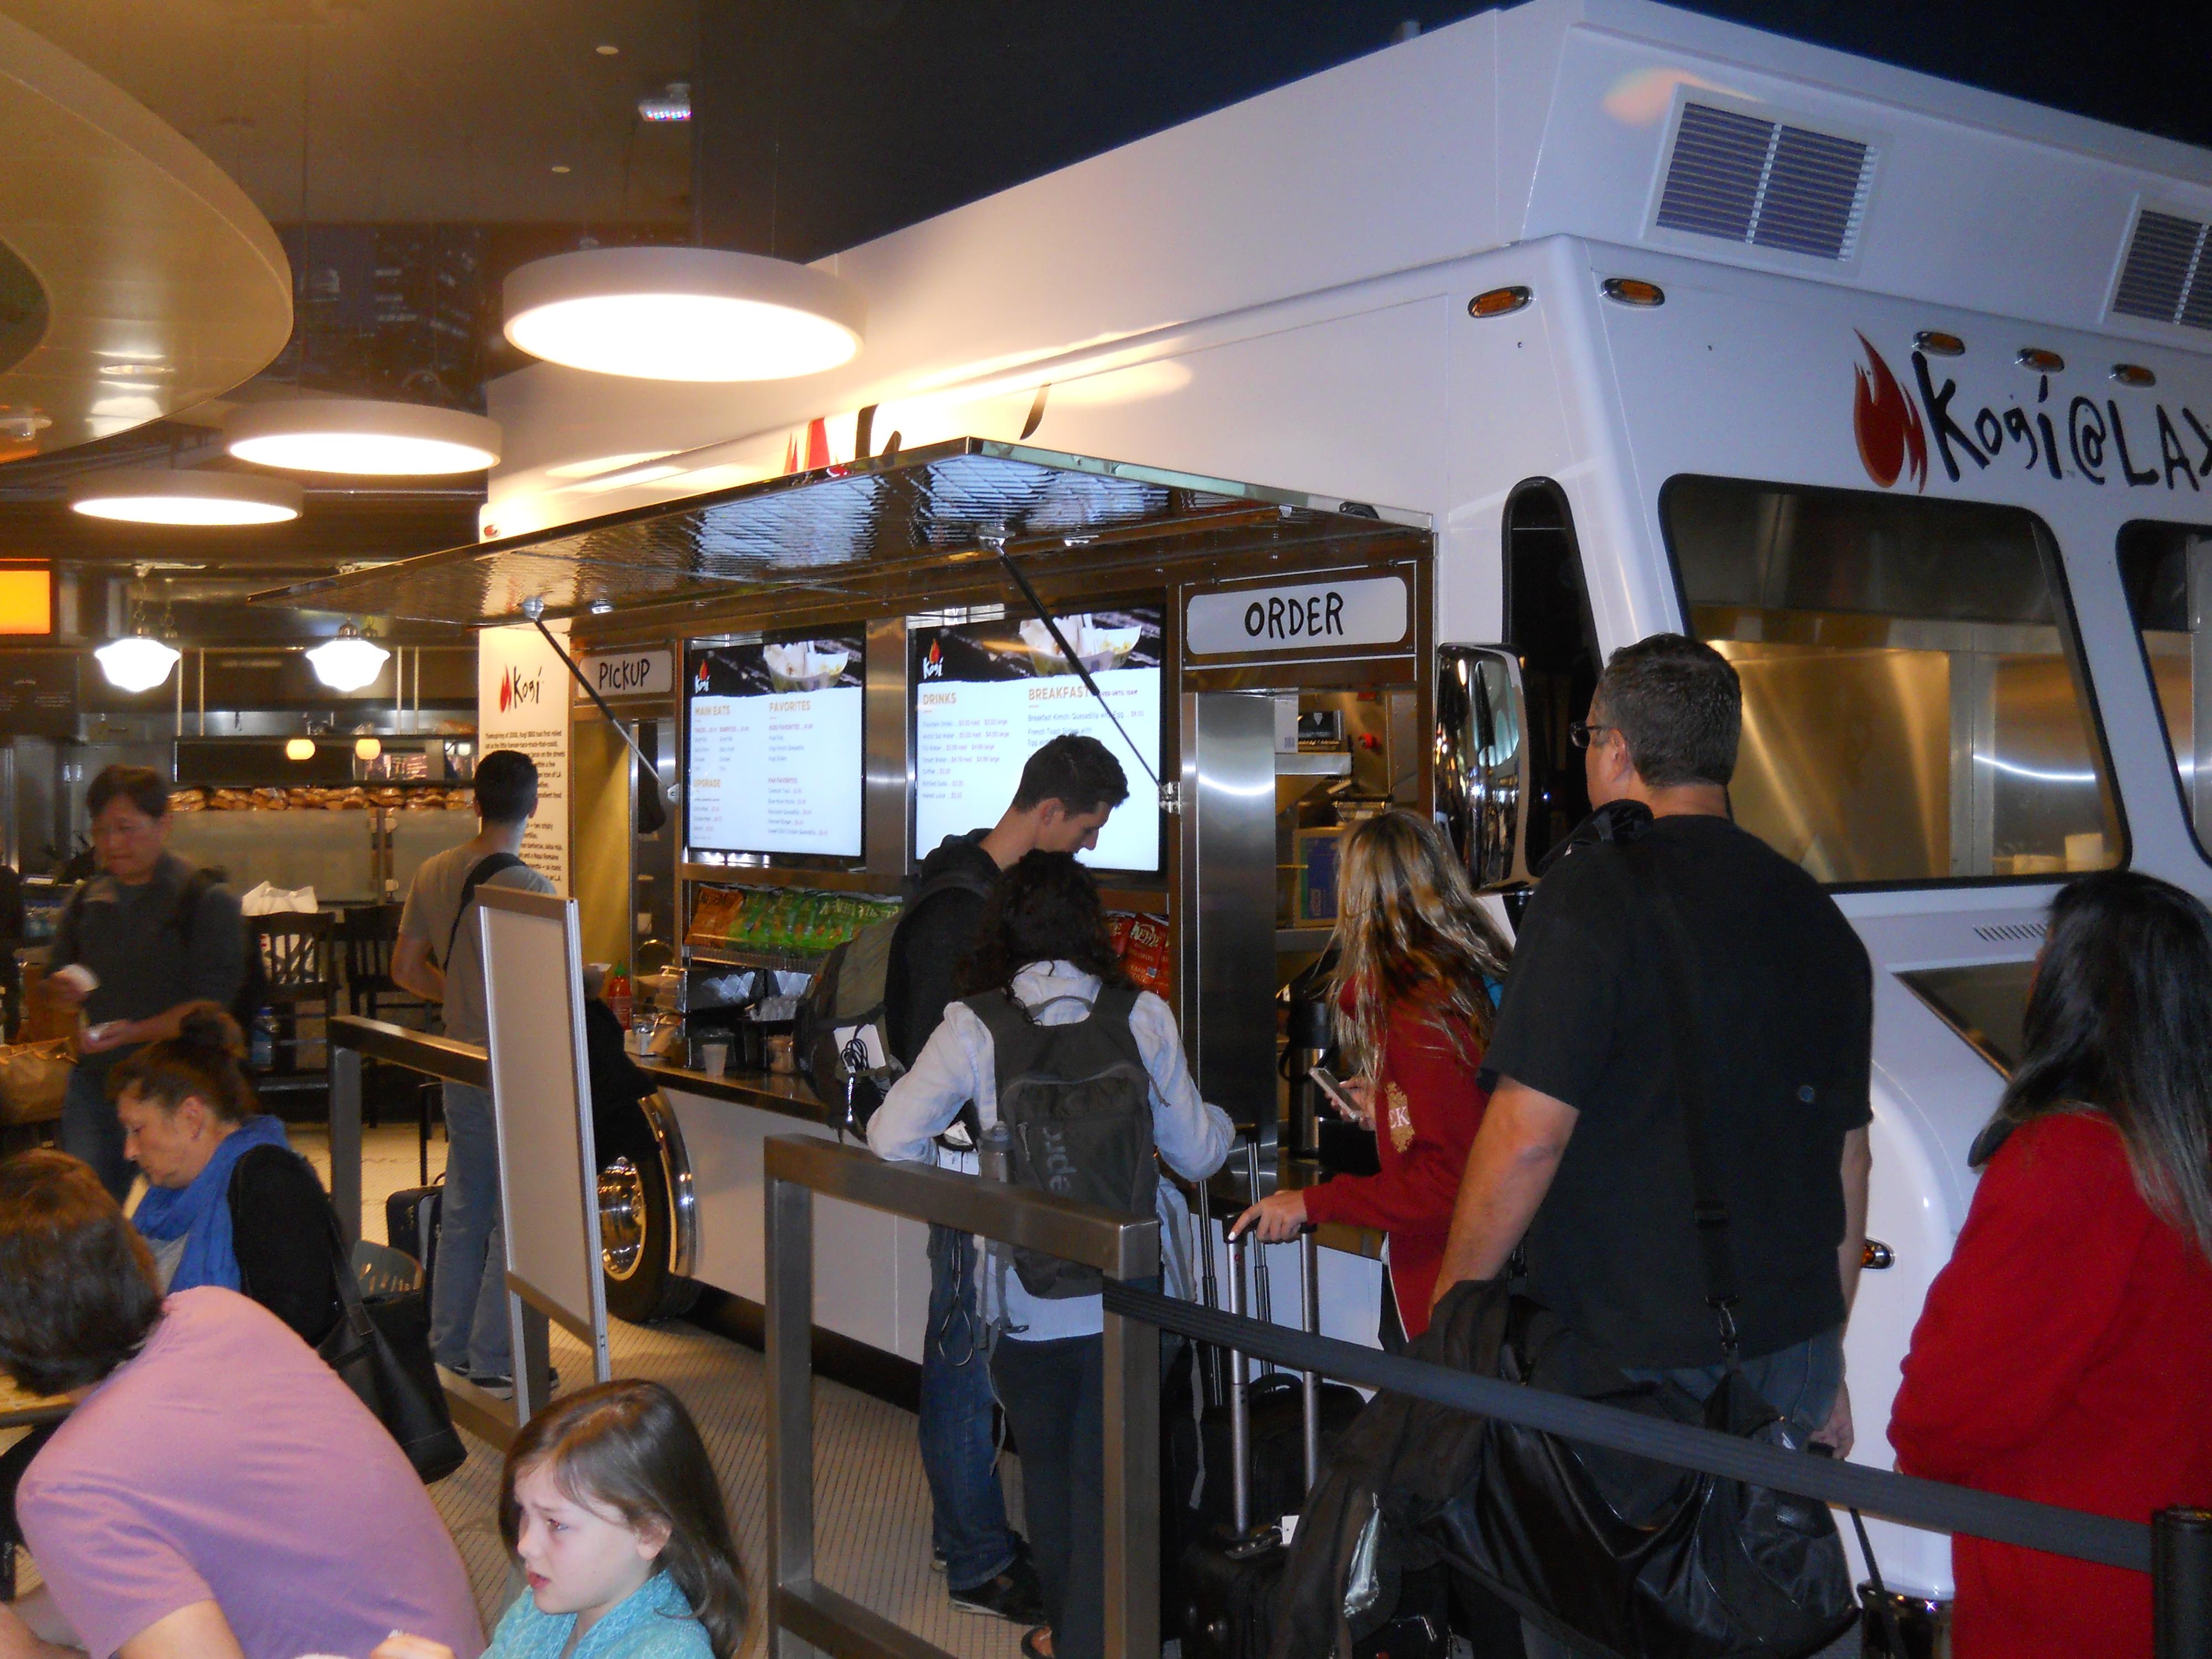 Kogi BBQ Opens at LAX with Digital Menu Boards